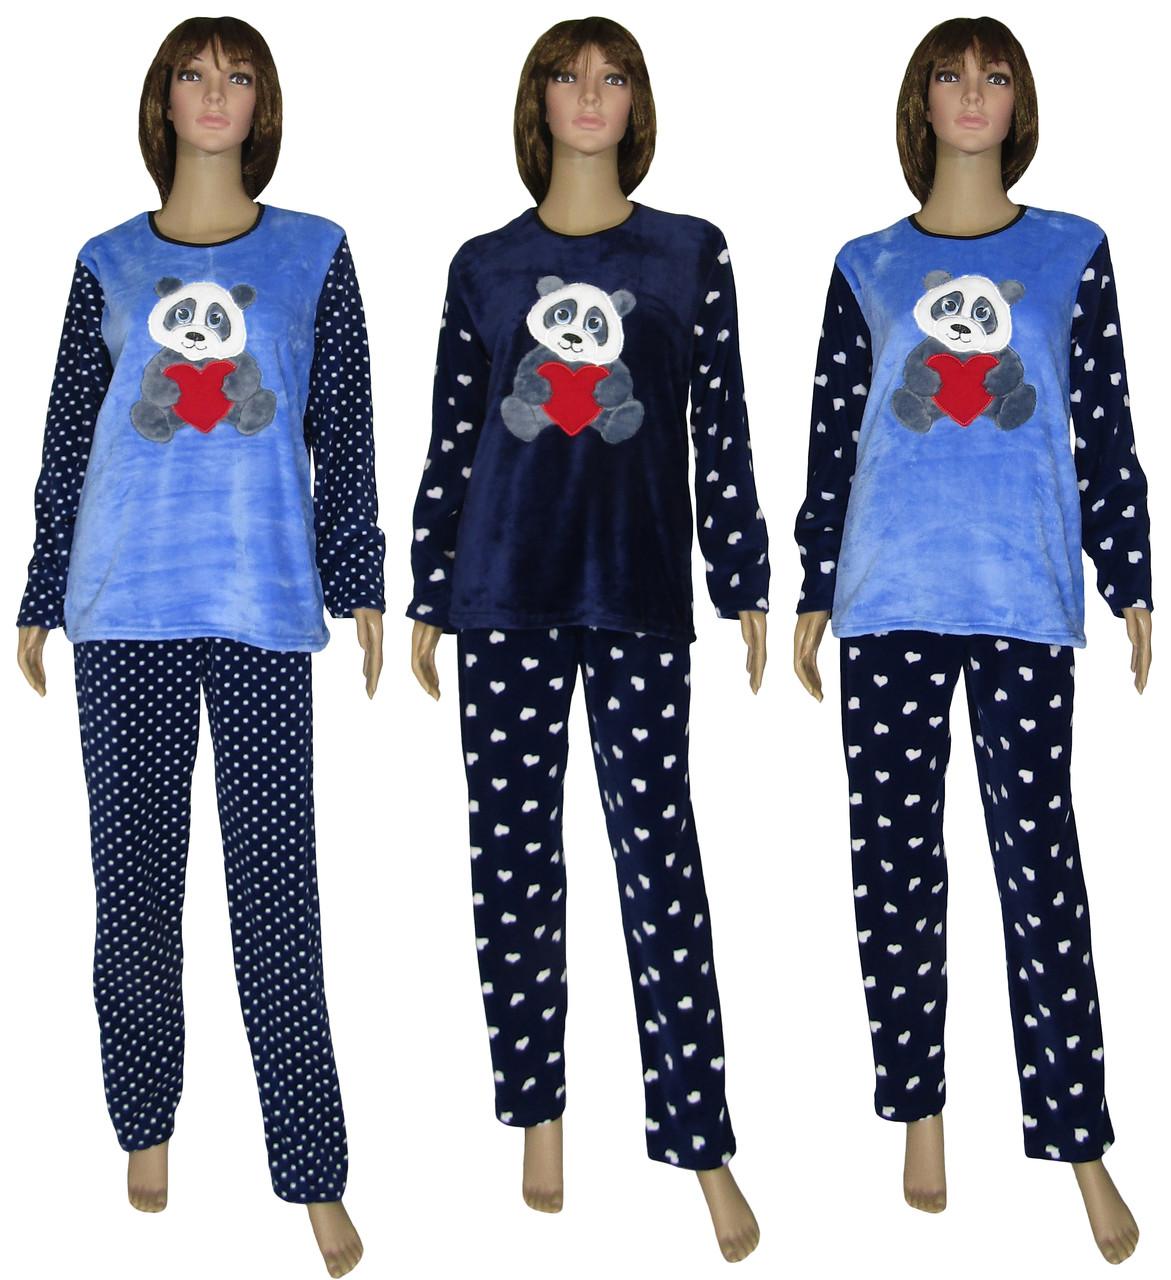 f3294d976e35 Пижама женская зимняя с вышивкой 18209 Мишка Dark Blue флис / махра, р.р